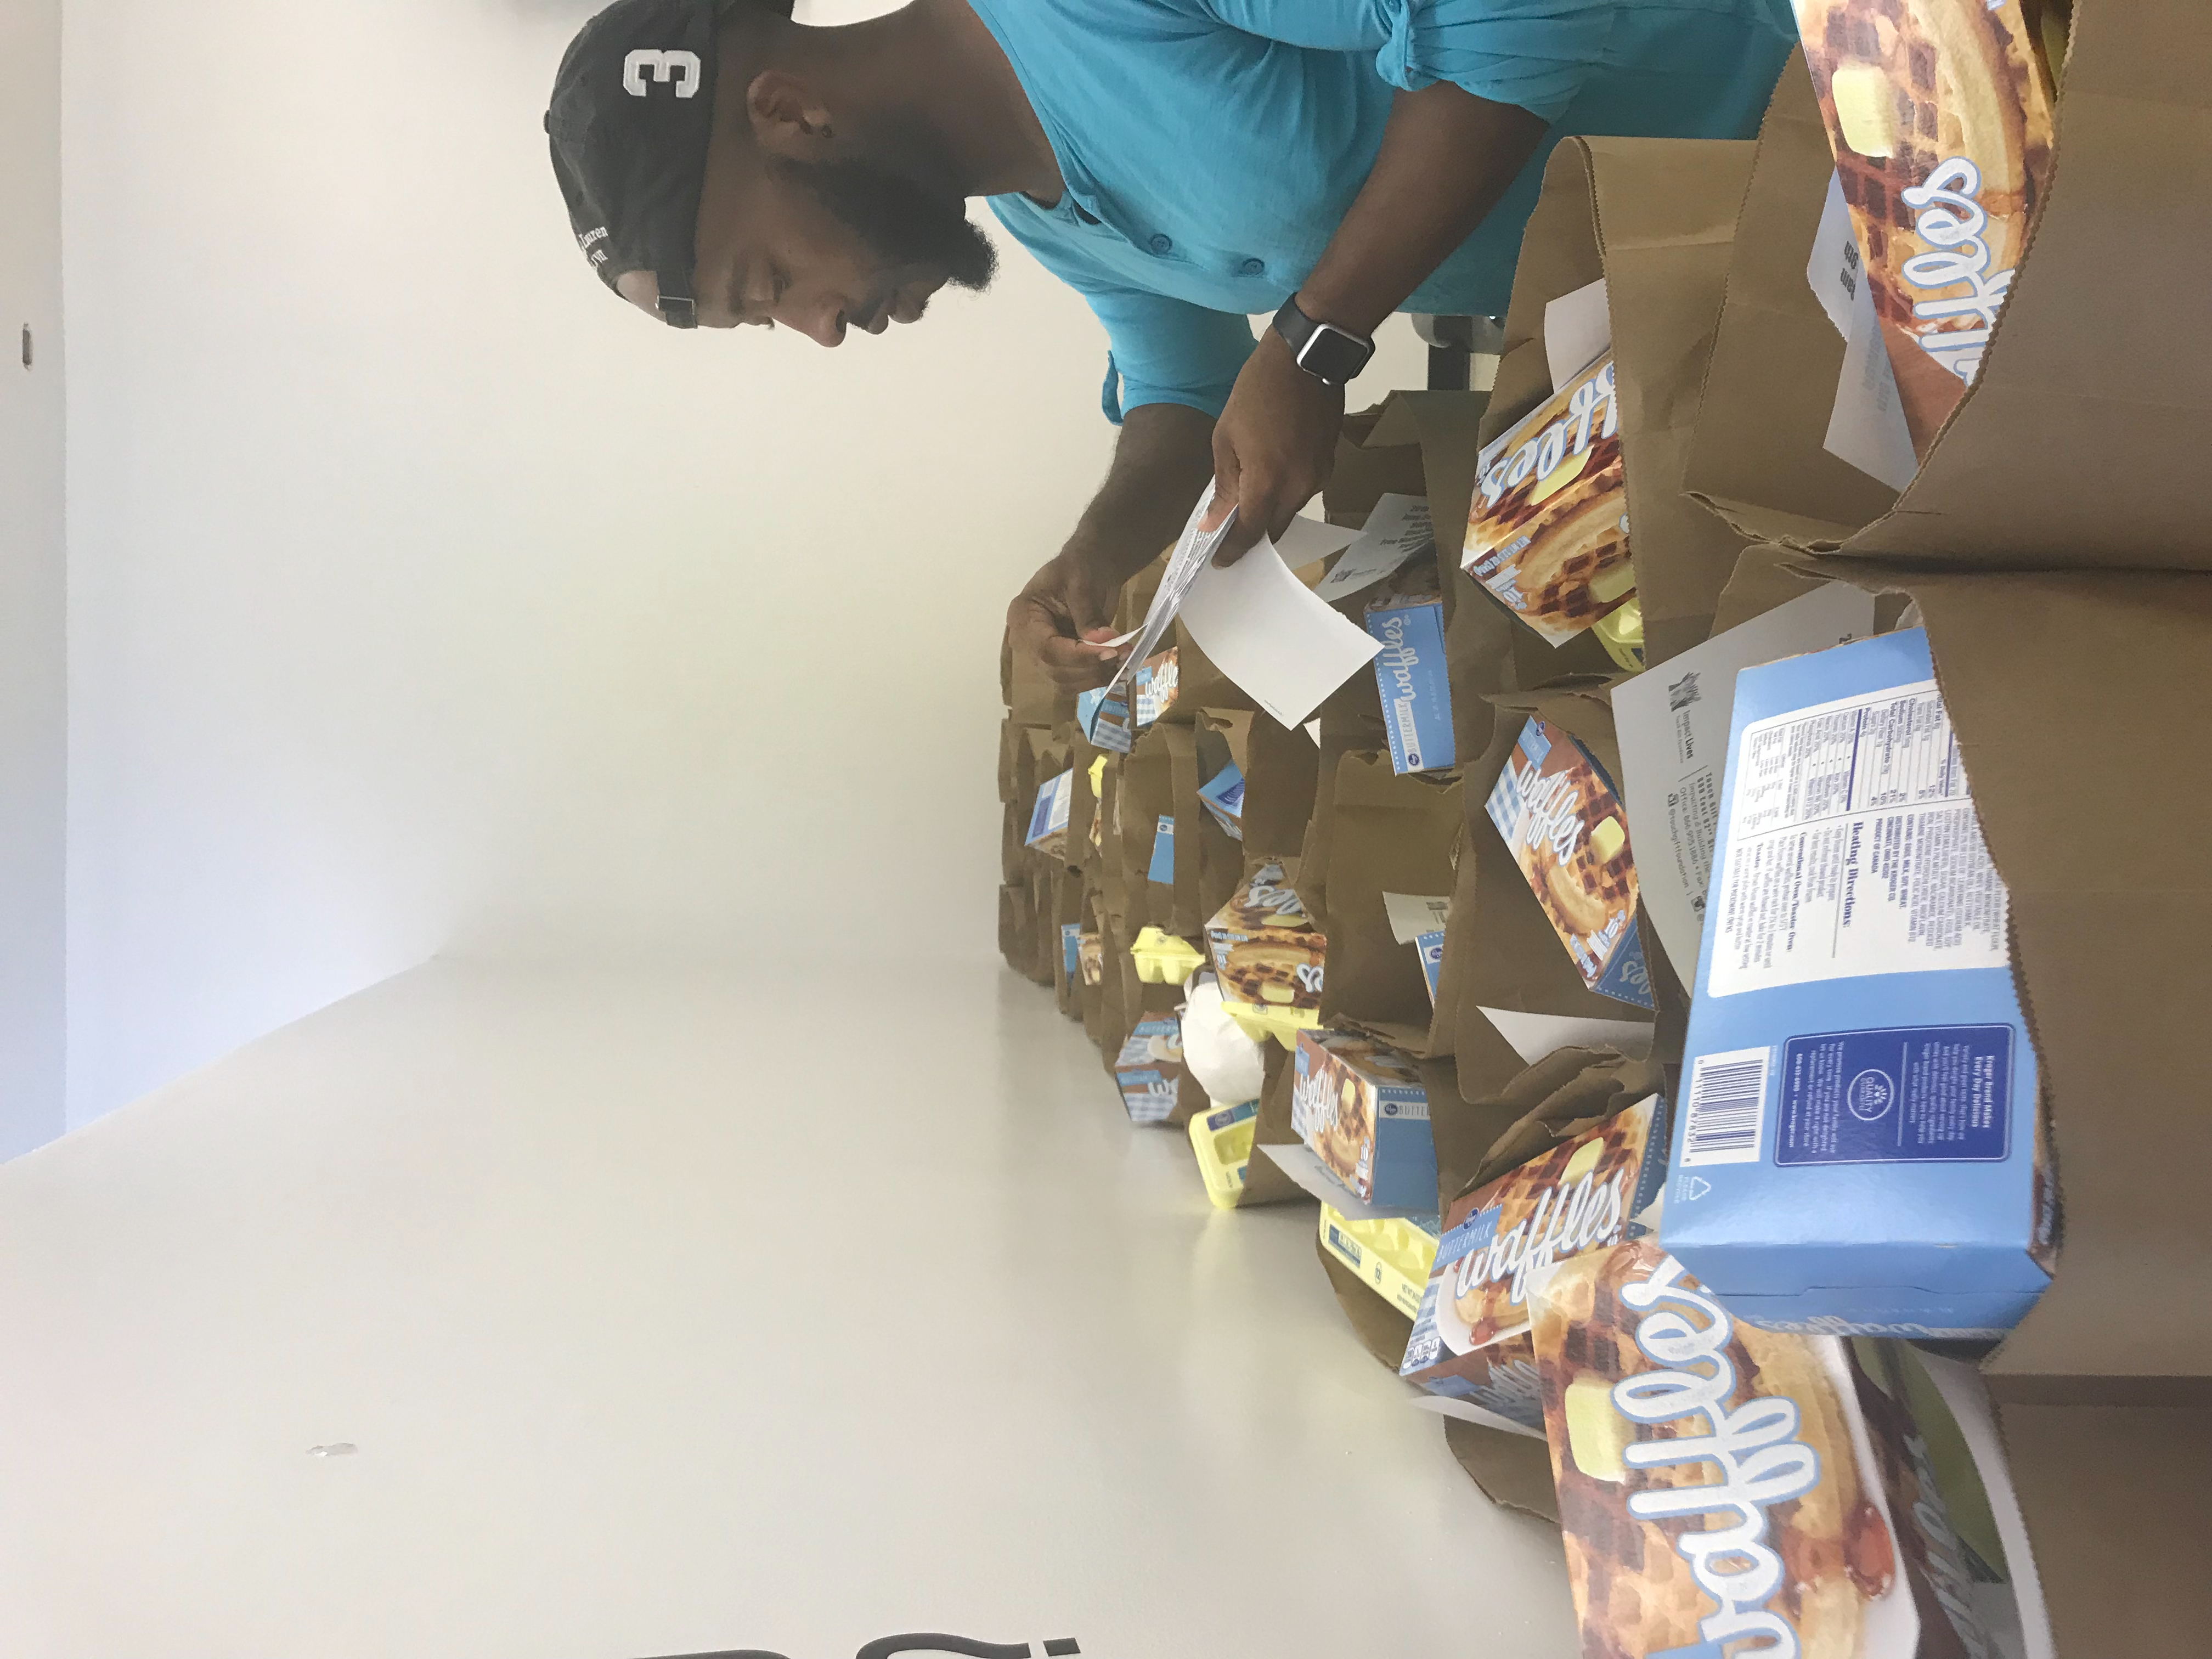 8/26/2018  Food Giveaway